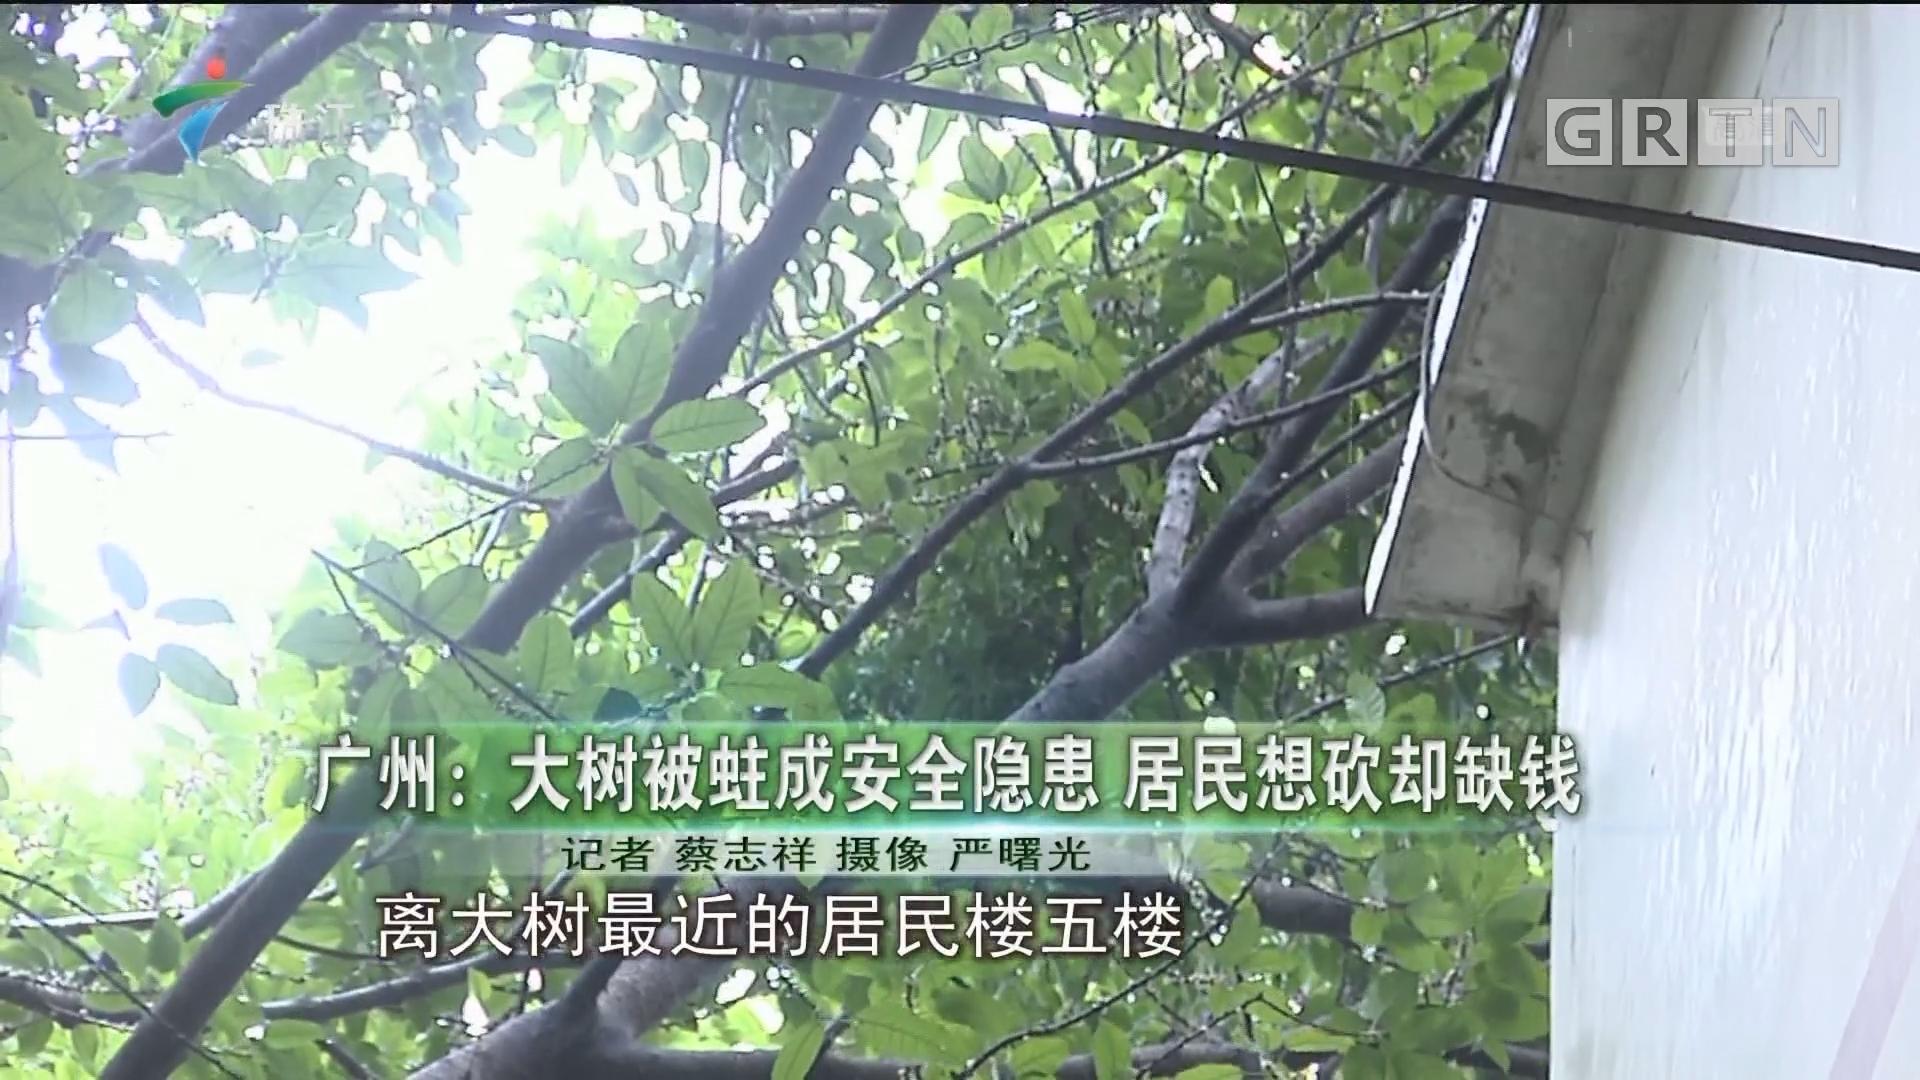 广州:大树被蛀成安全隐患 居民想砍却缺钱